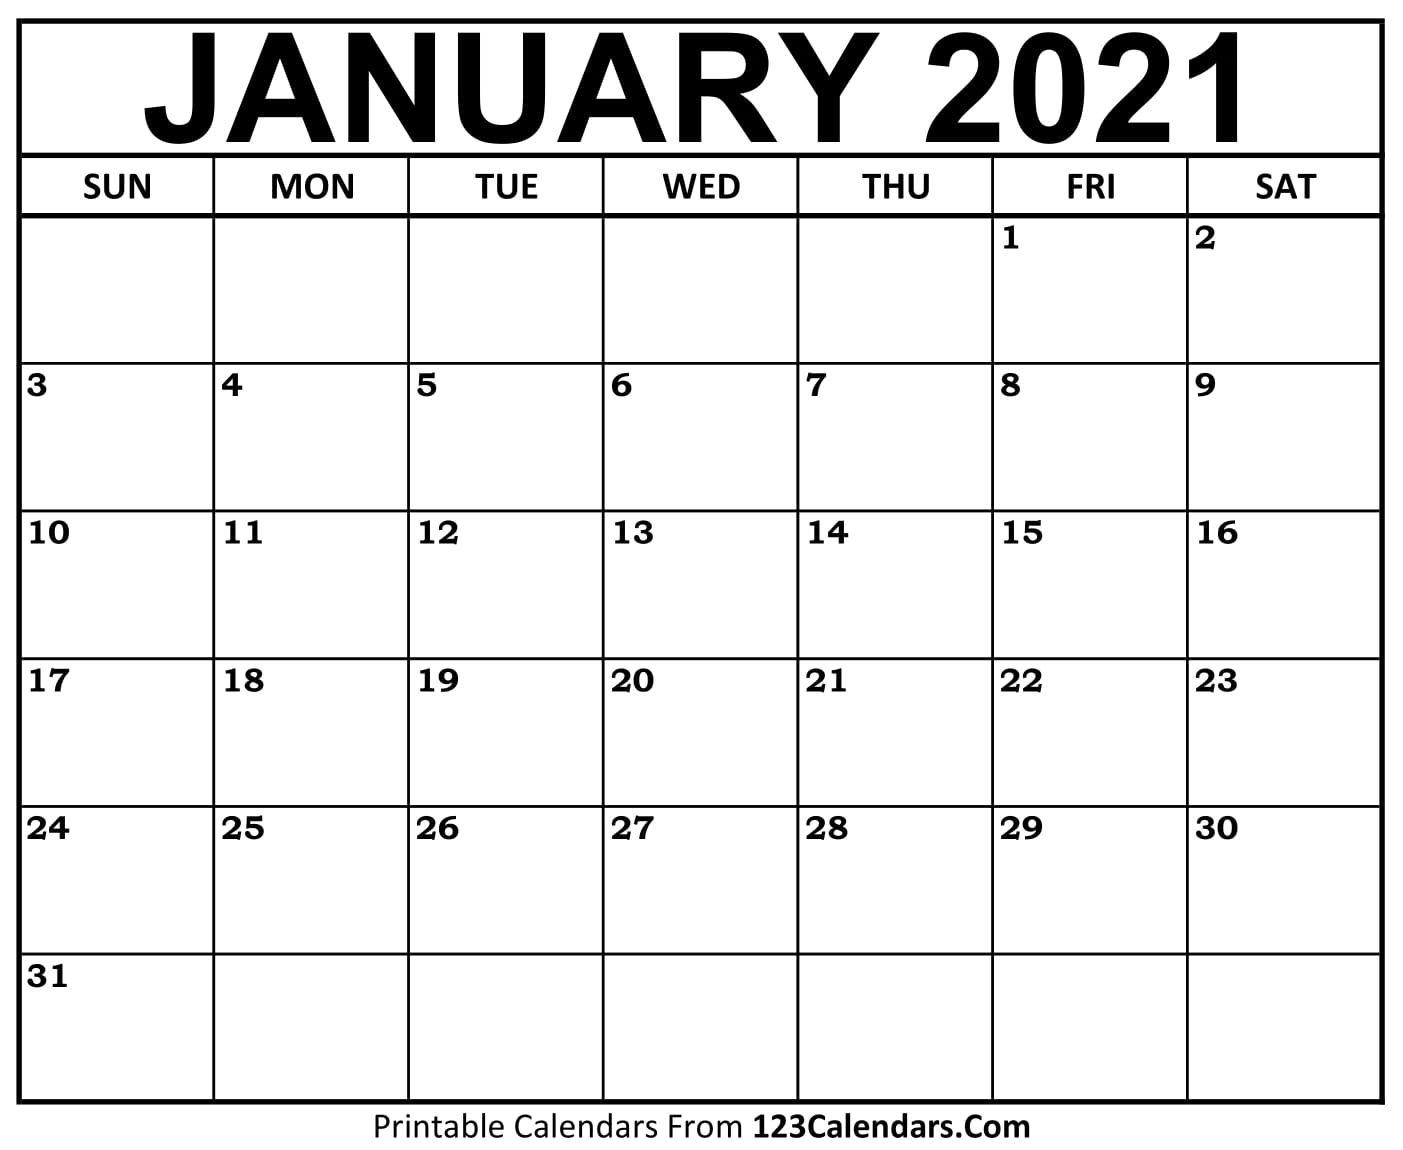 free january 2021 calendar | 123calendars